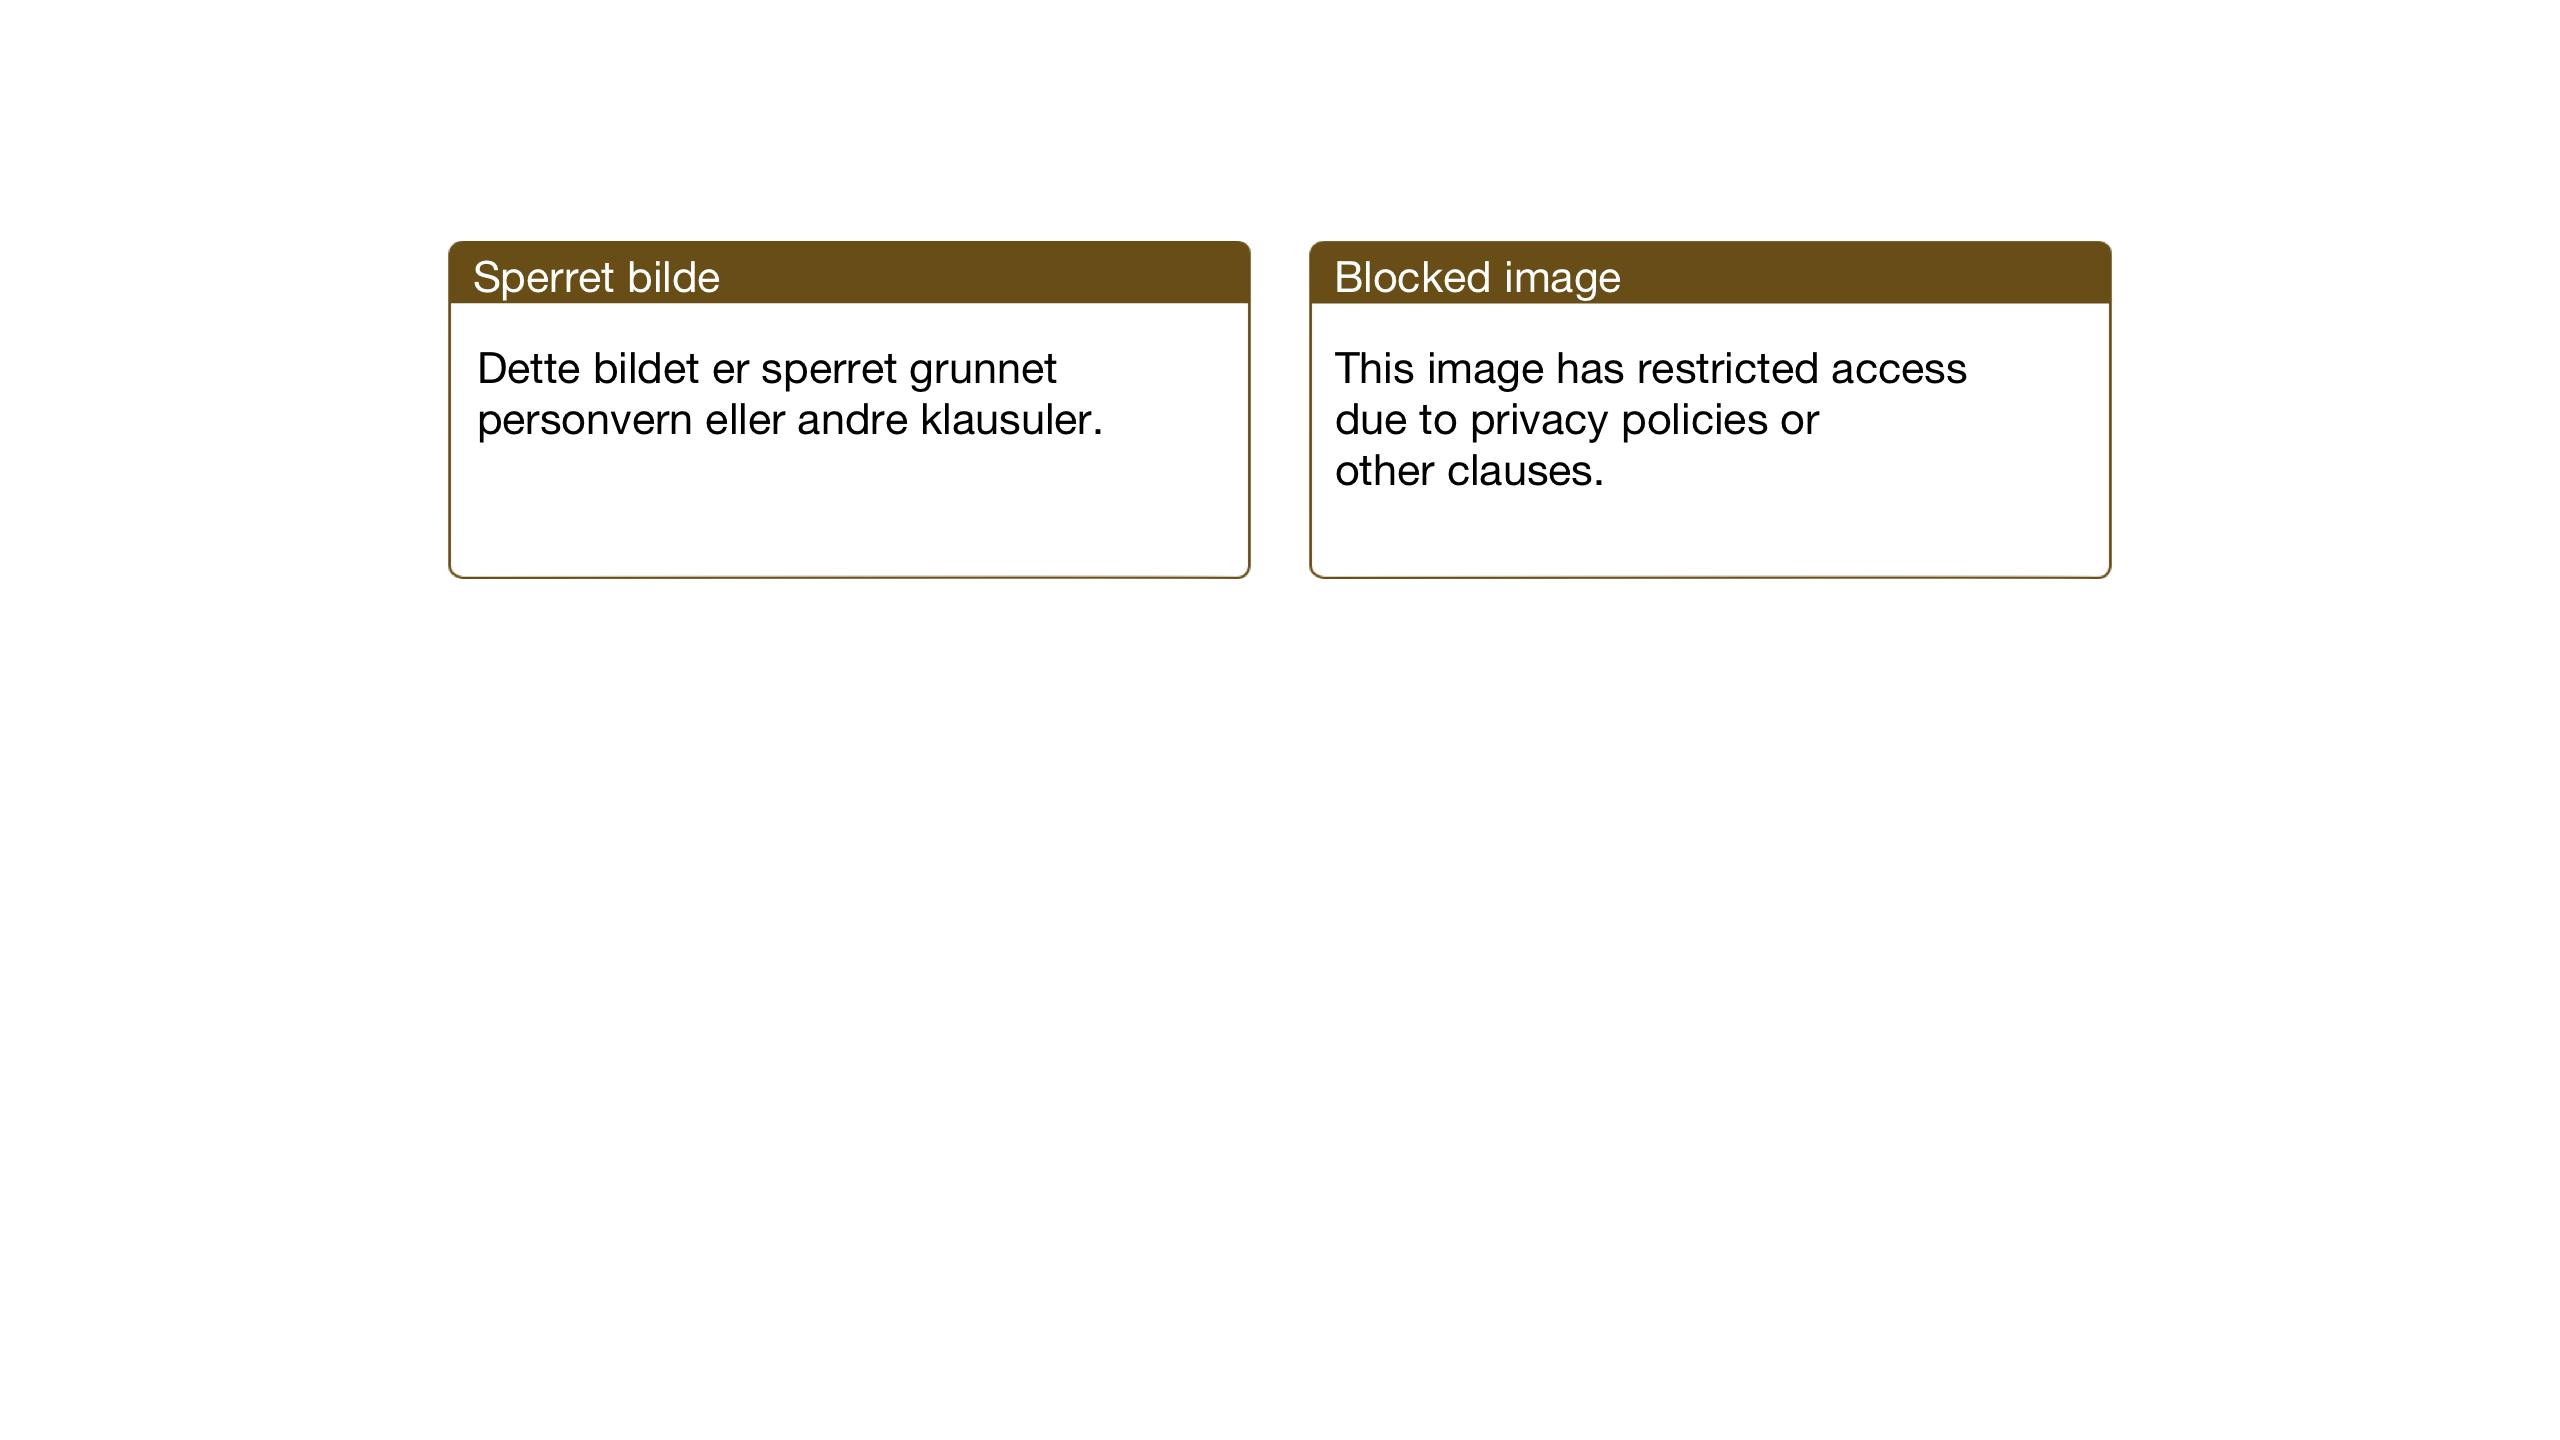 SAT, Ministerialprotokoller, klokkerbøker og fødselsregistre - Sør-Trøndelag, 640/L0590: Klokkerbok nr. 640C07, 1935-1948, s. 216